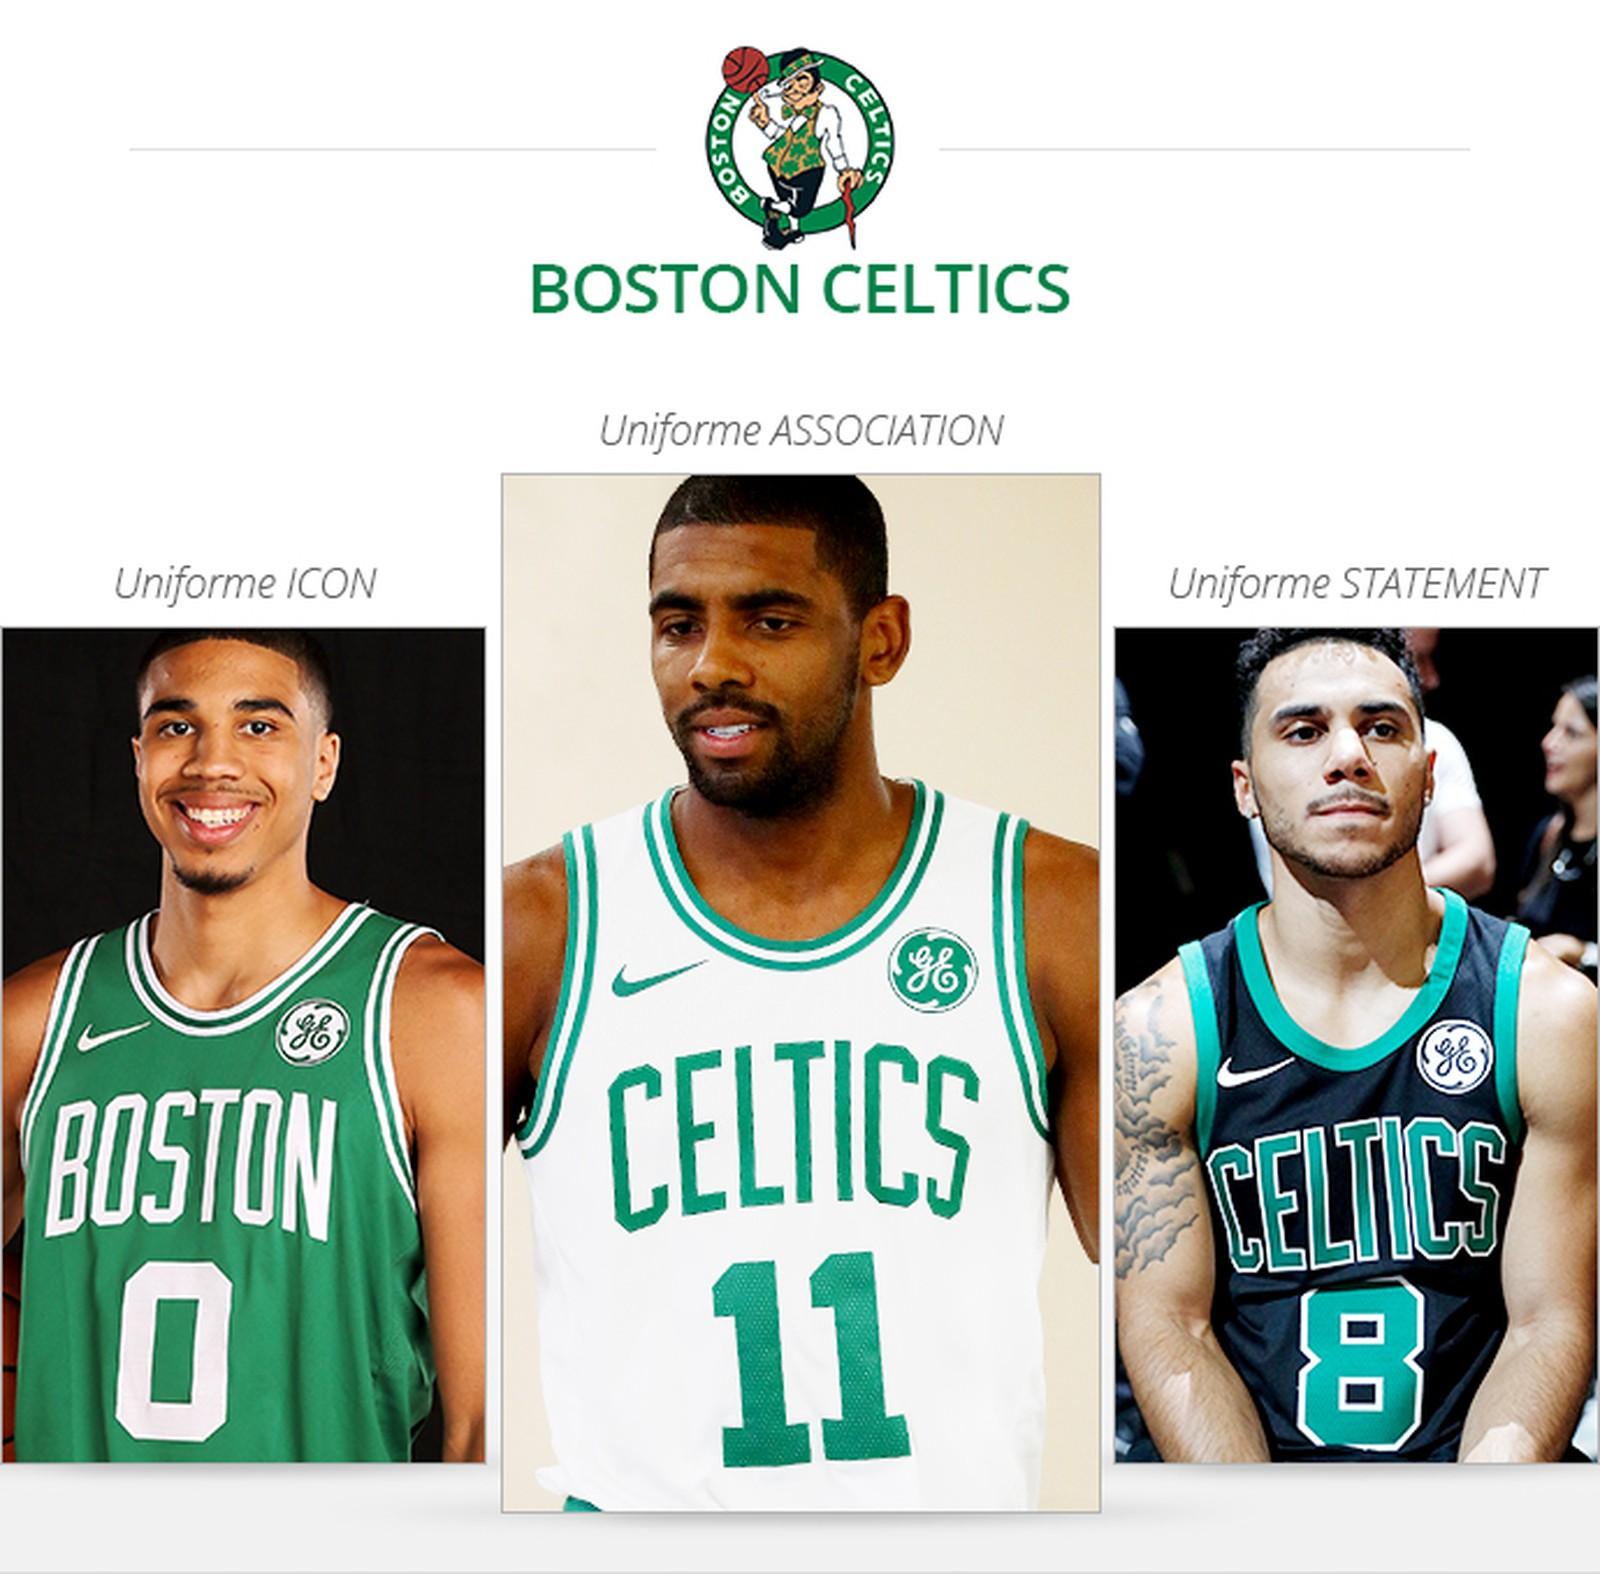 Uniformes Boston Celtics 2017/18